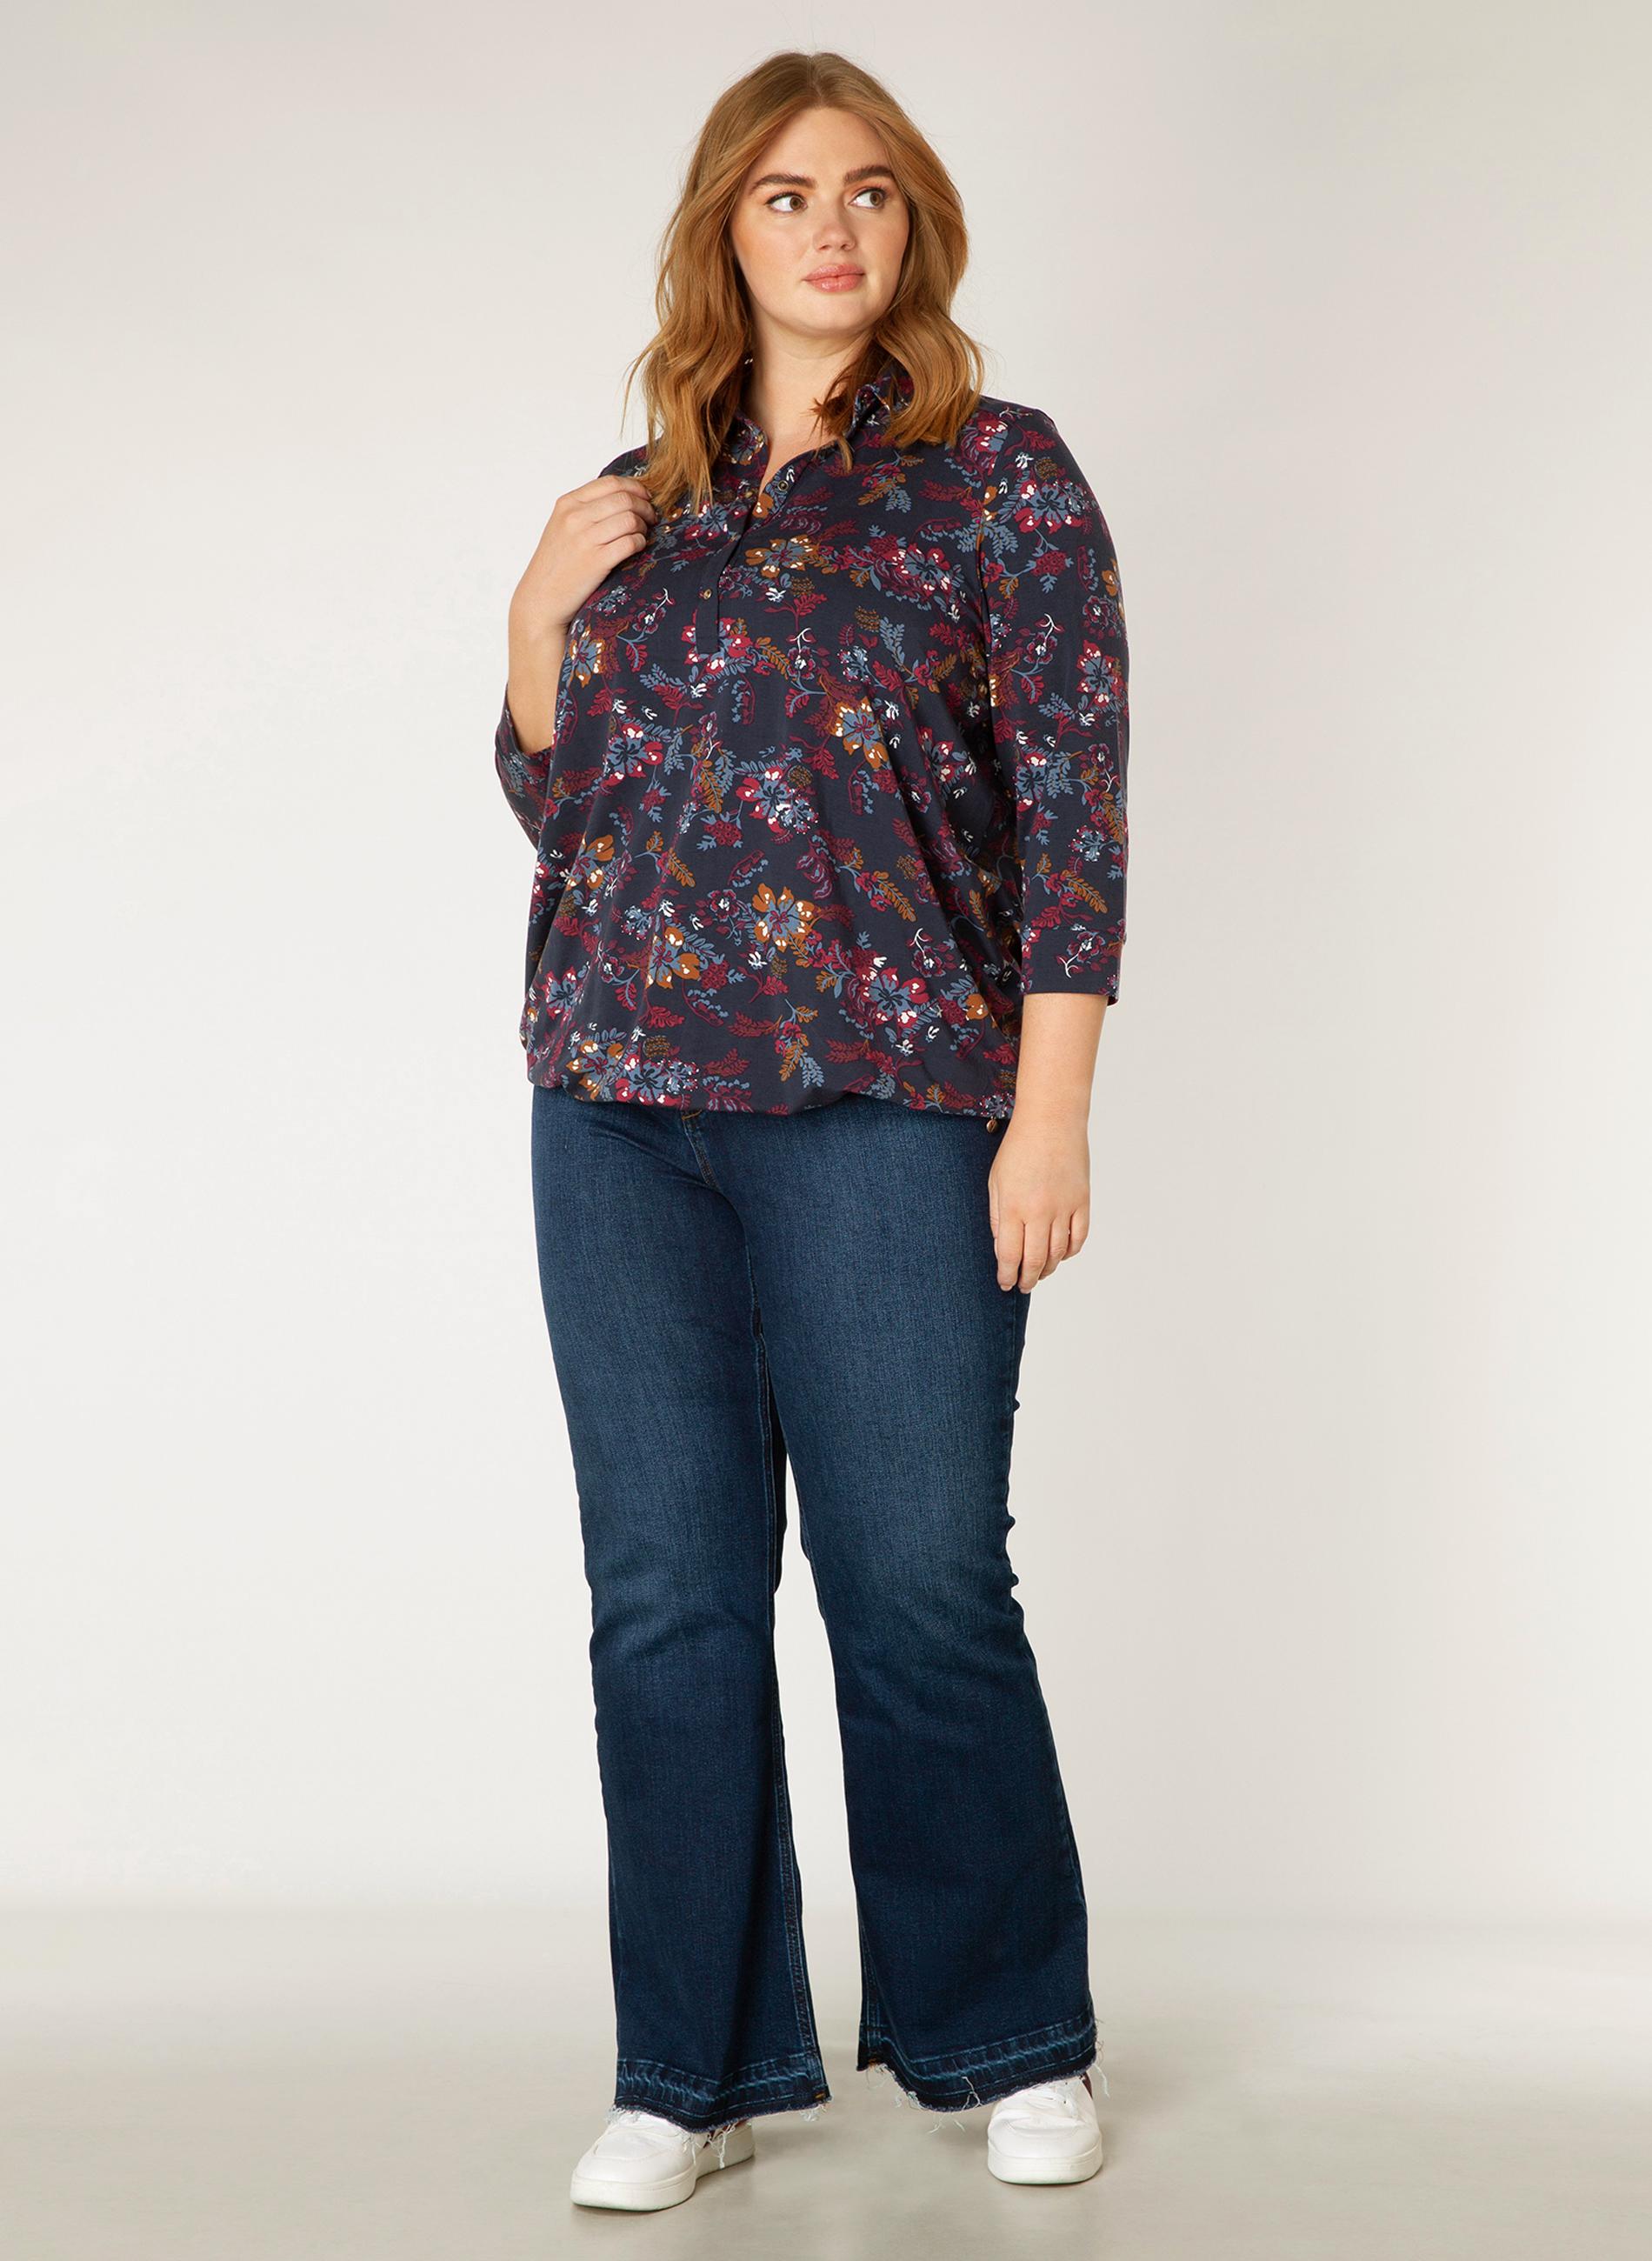 Yesta blouse Blizz